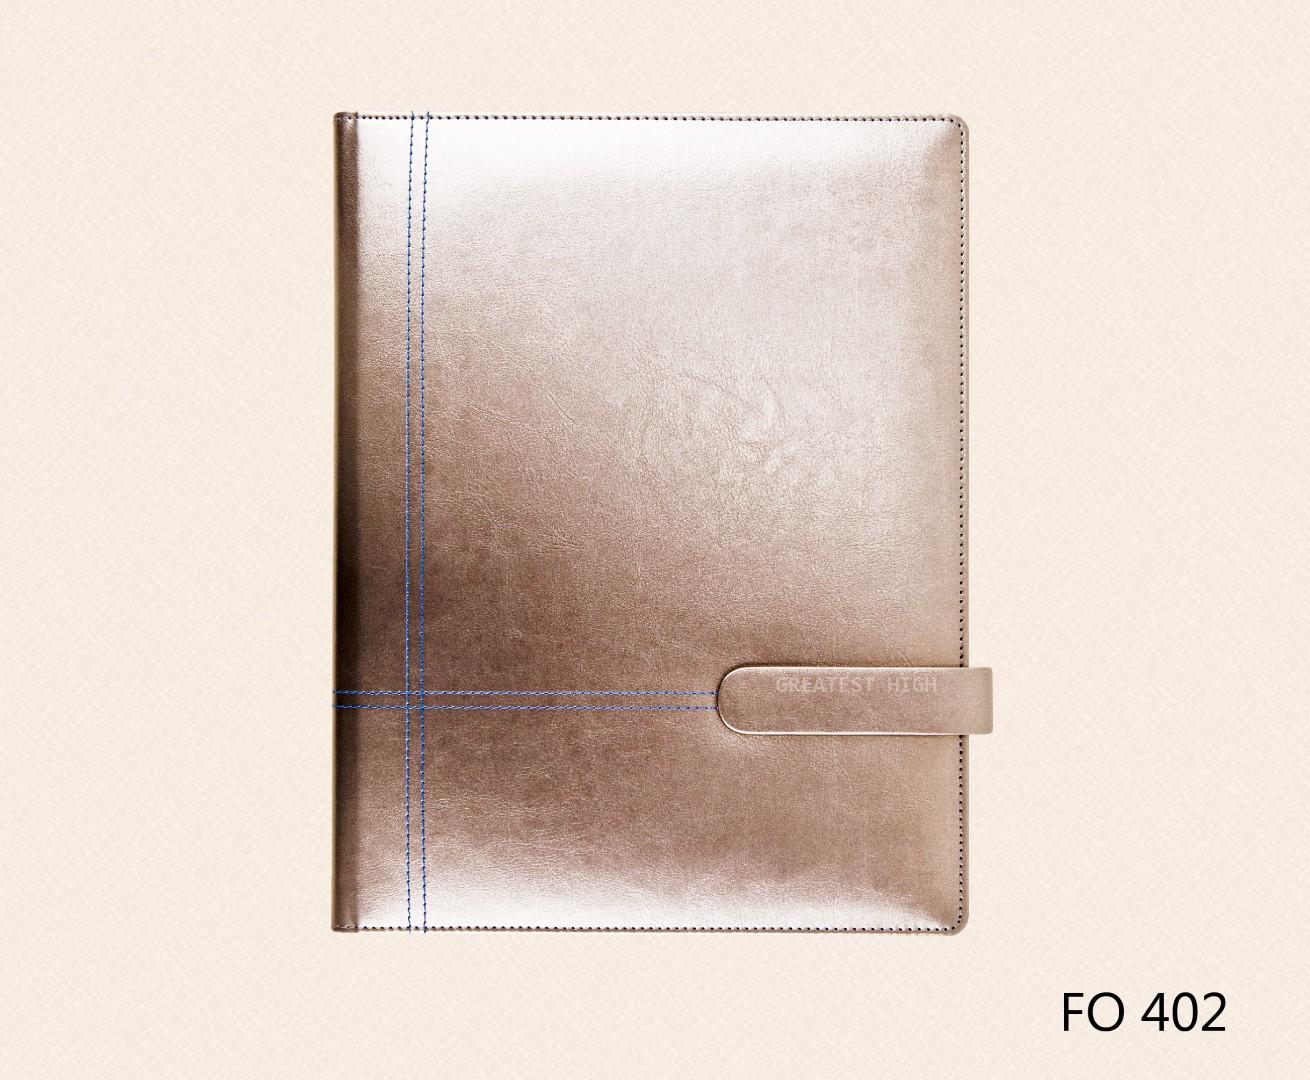 แฟ้มหนังเทียม แฟ้ม A4 Folder : FO 402